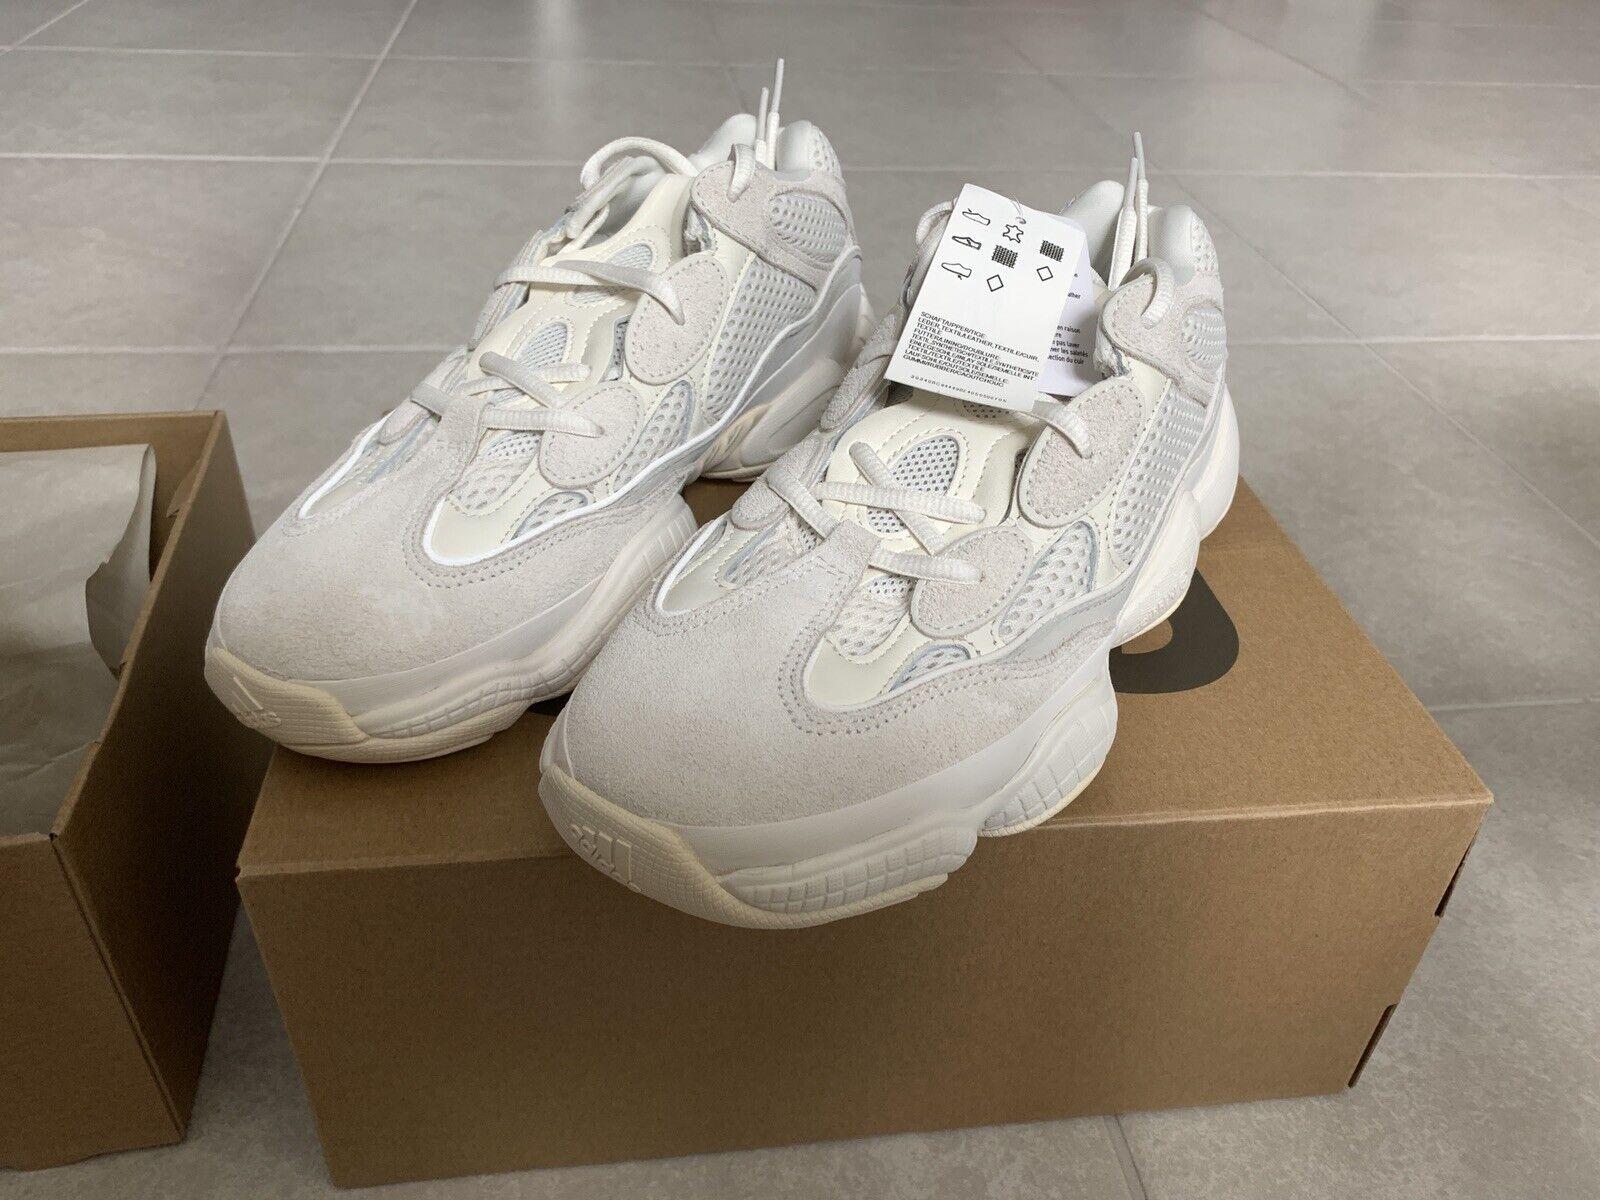 DS Adidas Yeezy 500 Bone White Kanye